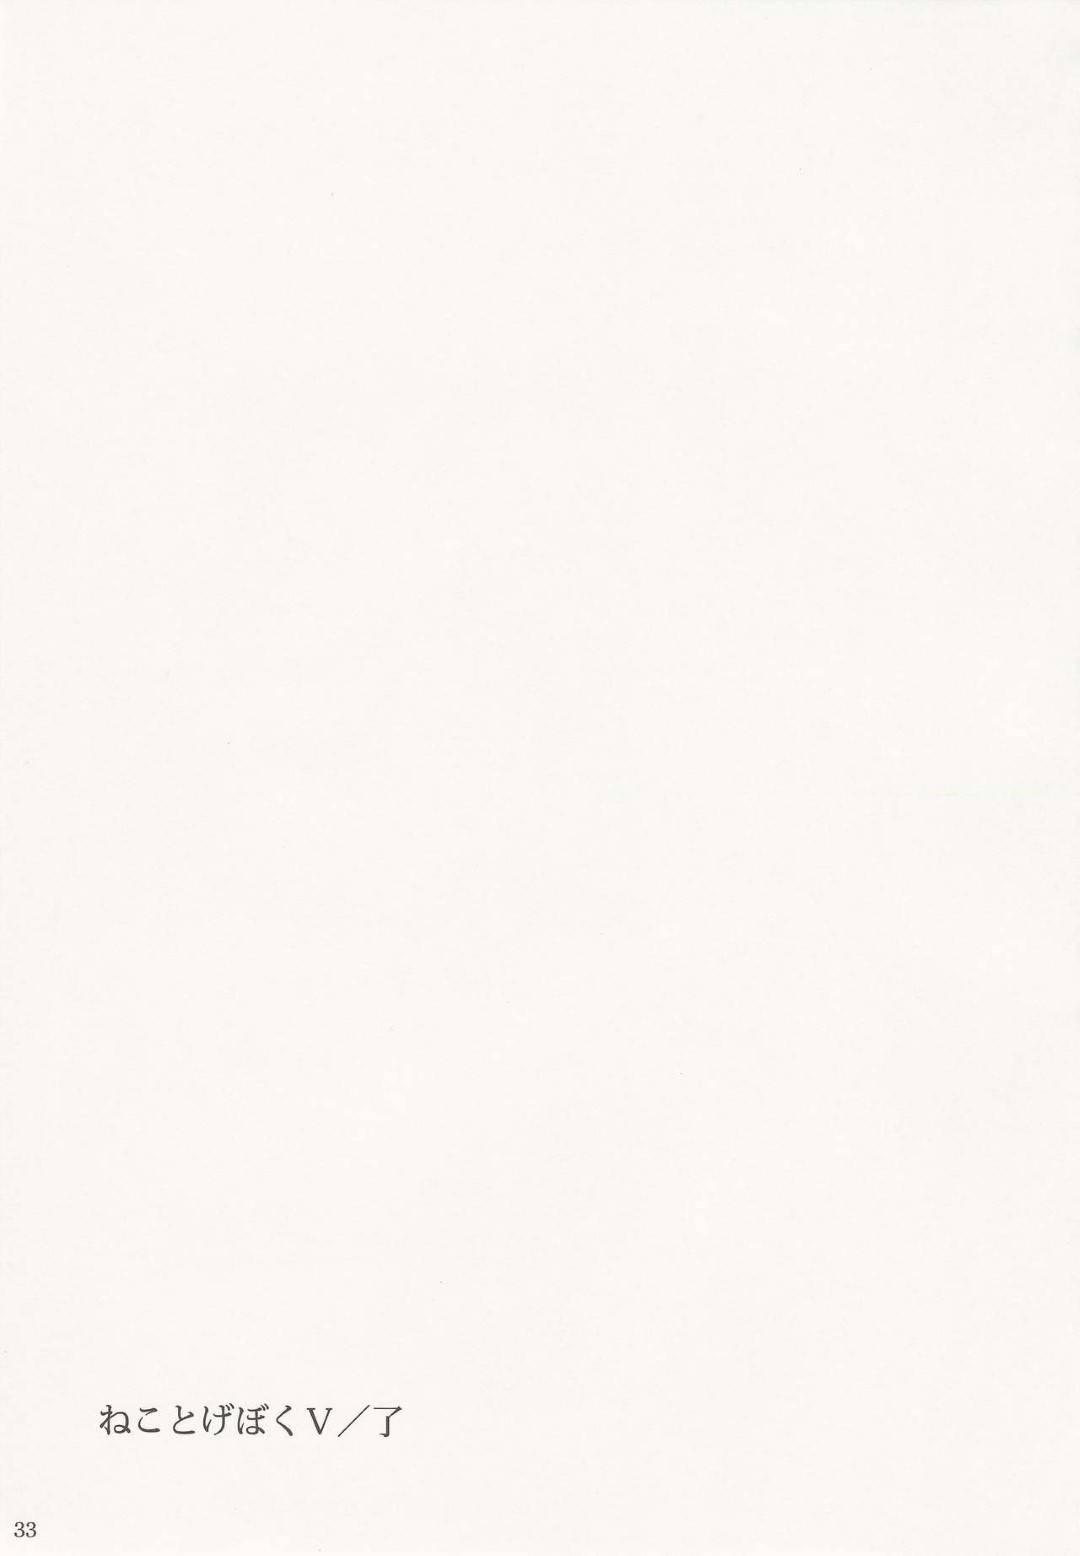 【3姉妹エロ漫画】アキトは全裸に目隠しをされ3姉妹にオモチャのように犯され絶頂させられる【大田優一】